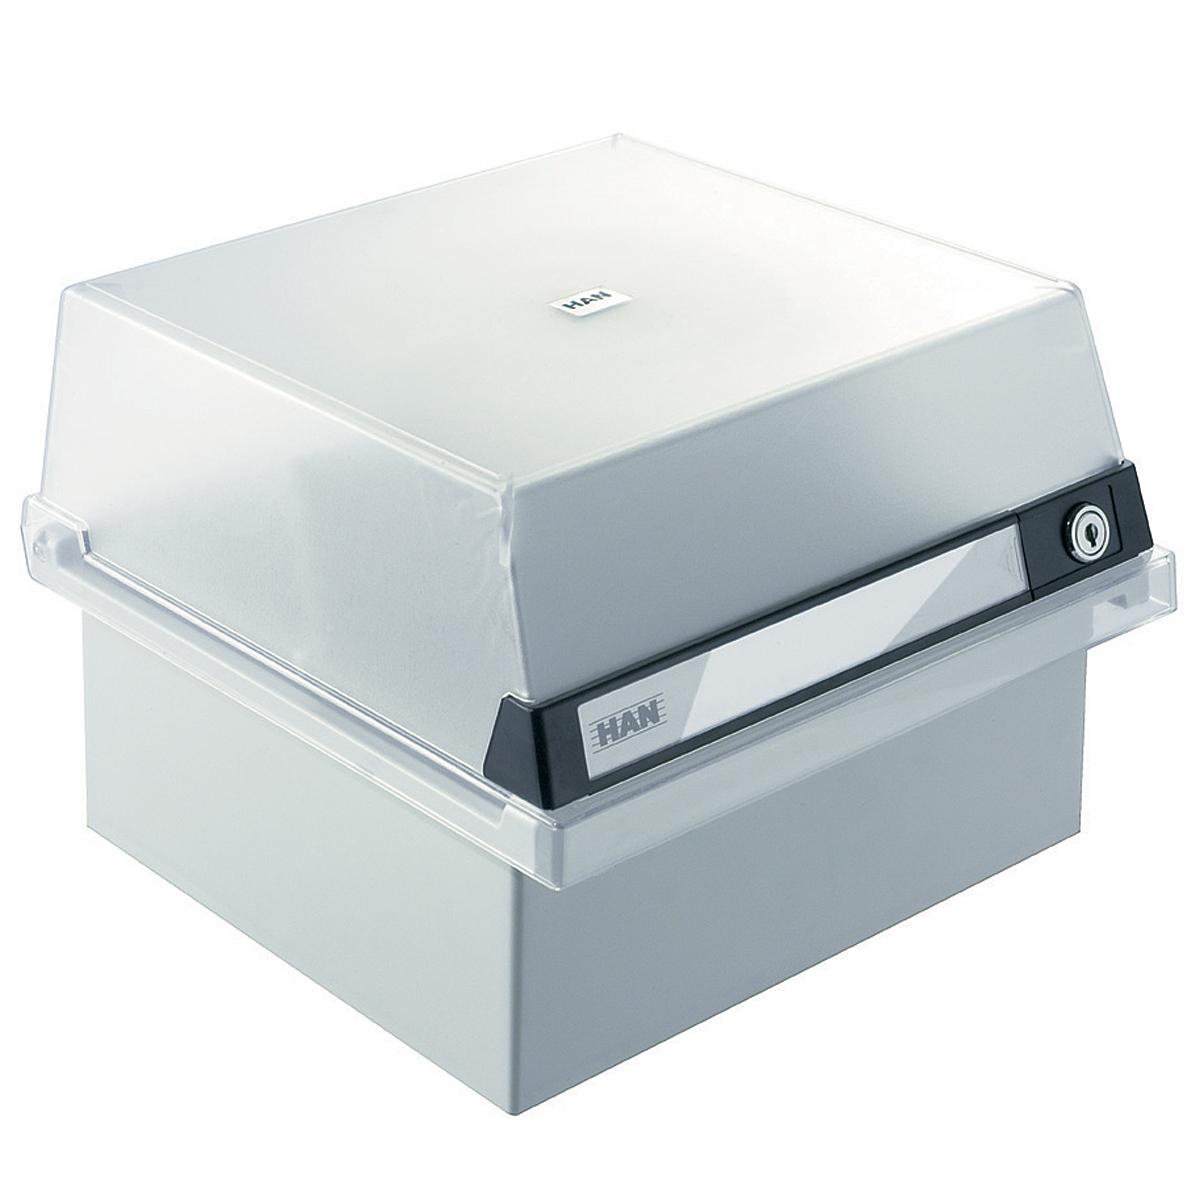 Лоток для бумаг горизонтальный  HAN , с крышкой, цвет: светло-серый, формат А5. HA965/S/631 -  Лотки, подставки для бумаг